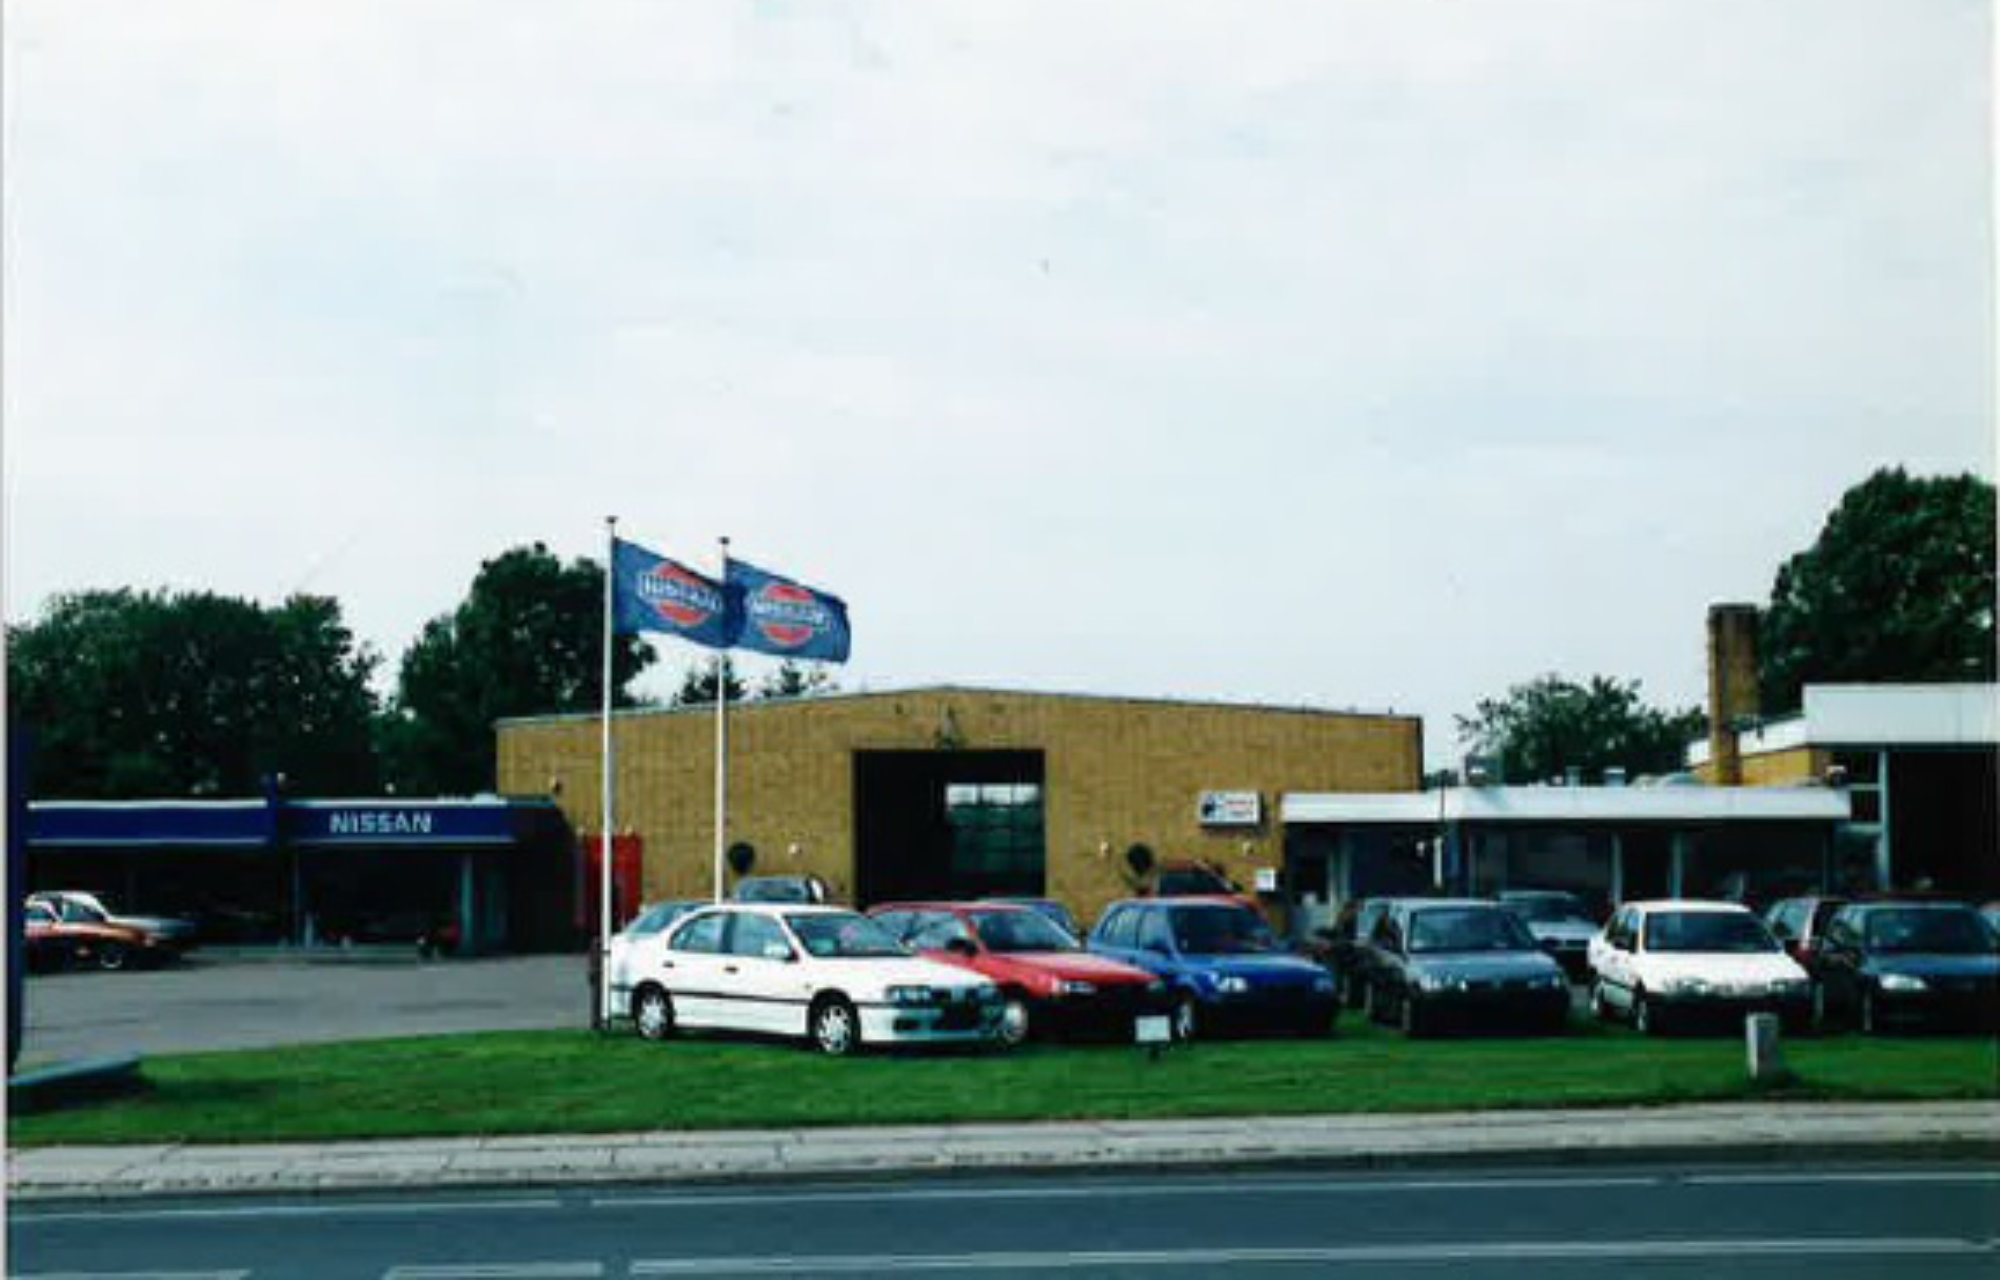 Lægsgaard i Bred, Bredgade 74. Pladeværksted helt til højre. Kontor ved glasvinduerne bag biler. Værksted i midten og til venstre udstilling. År 1999